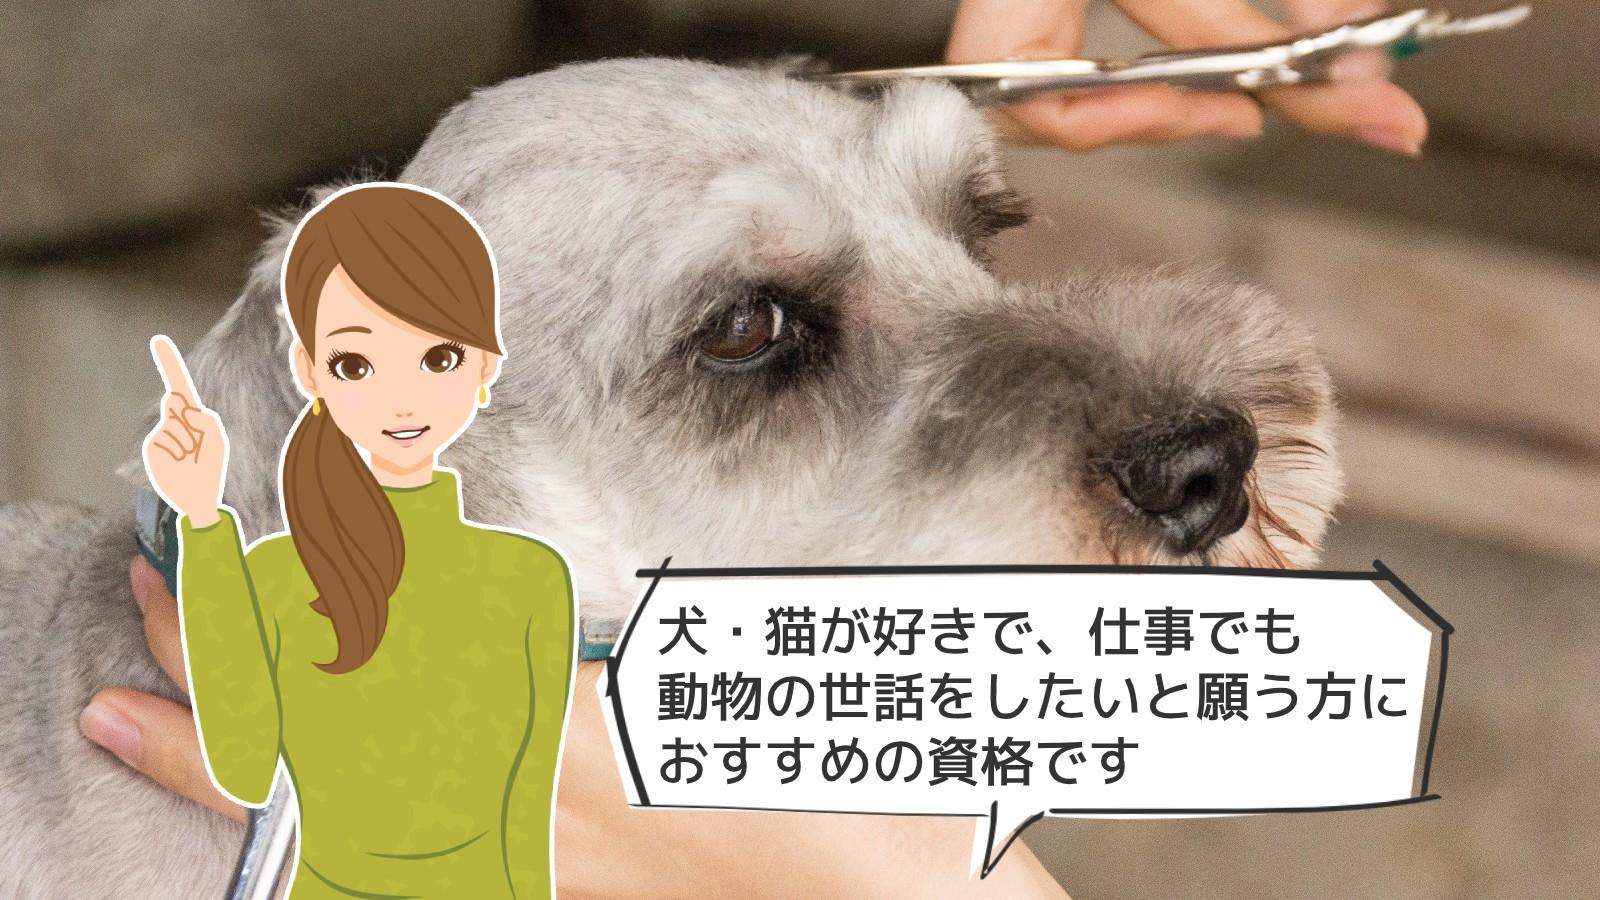 「ペットトリミング資格」のアイキャッチ画像